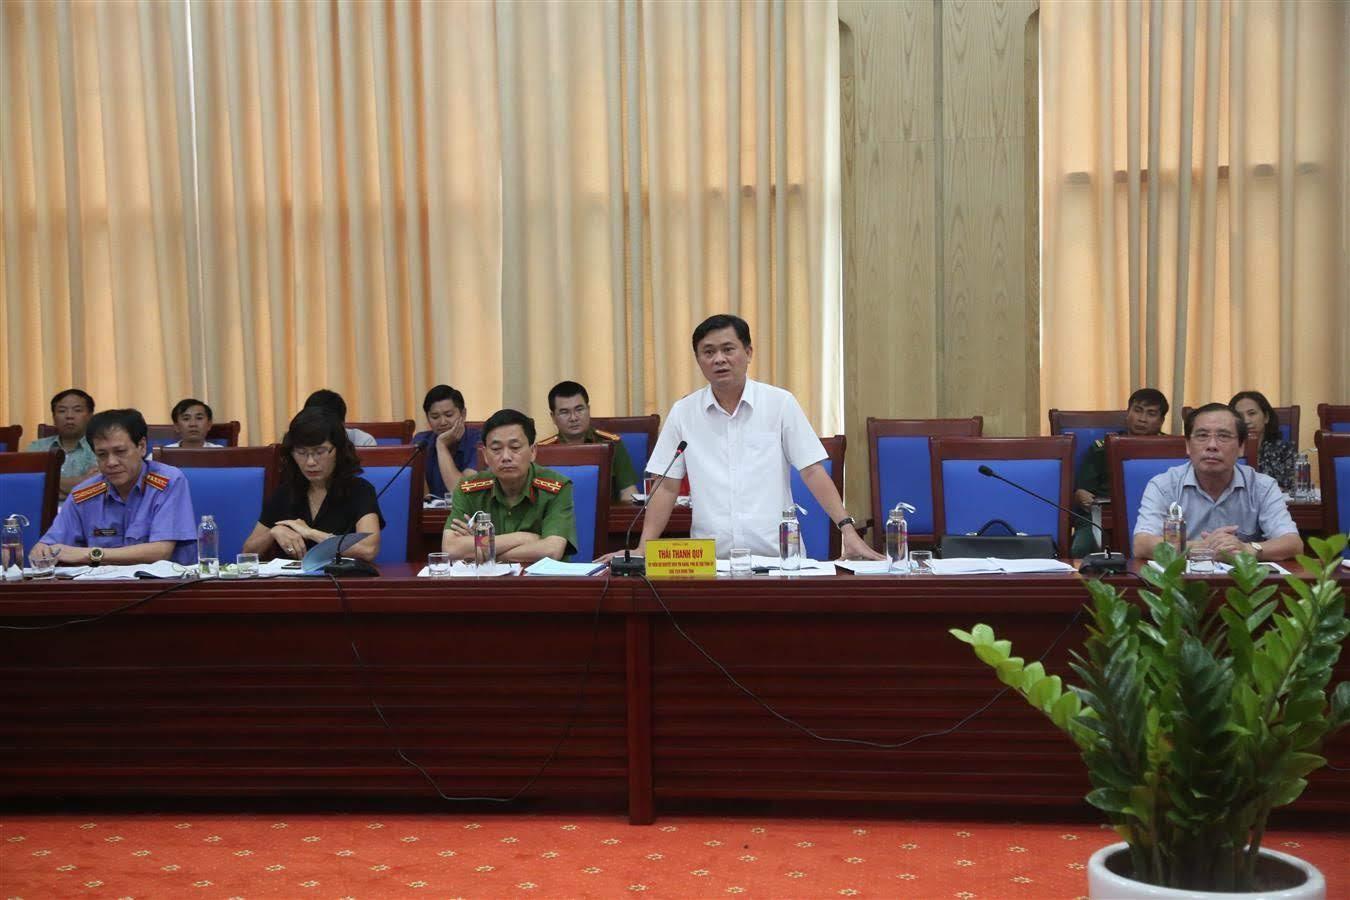 Đồng chí Thái Thanh Quý - Ủy viên dự khuyết Ban Chấp hành Trung ương Đảng, Phó Bí thư Tỉnh ủy, Chủ tịch UBND tỉnh kiến nghị một số đề xuất với đoàn công tác của Trung ương.